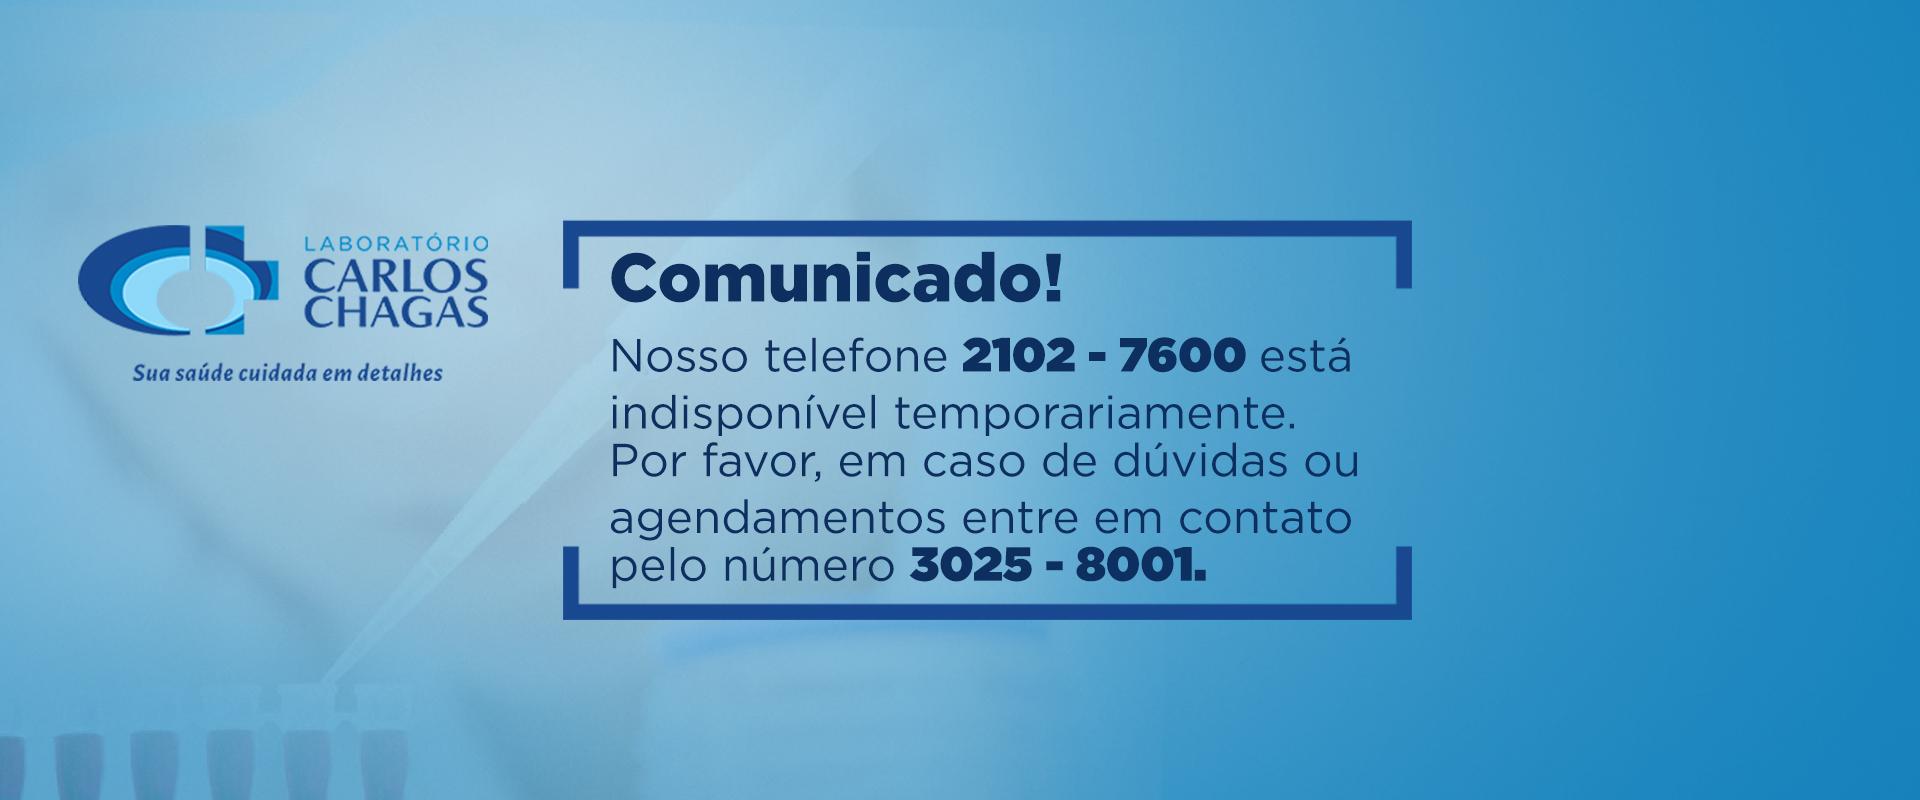 Comunicado telefonema